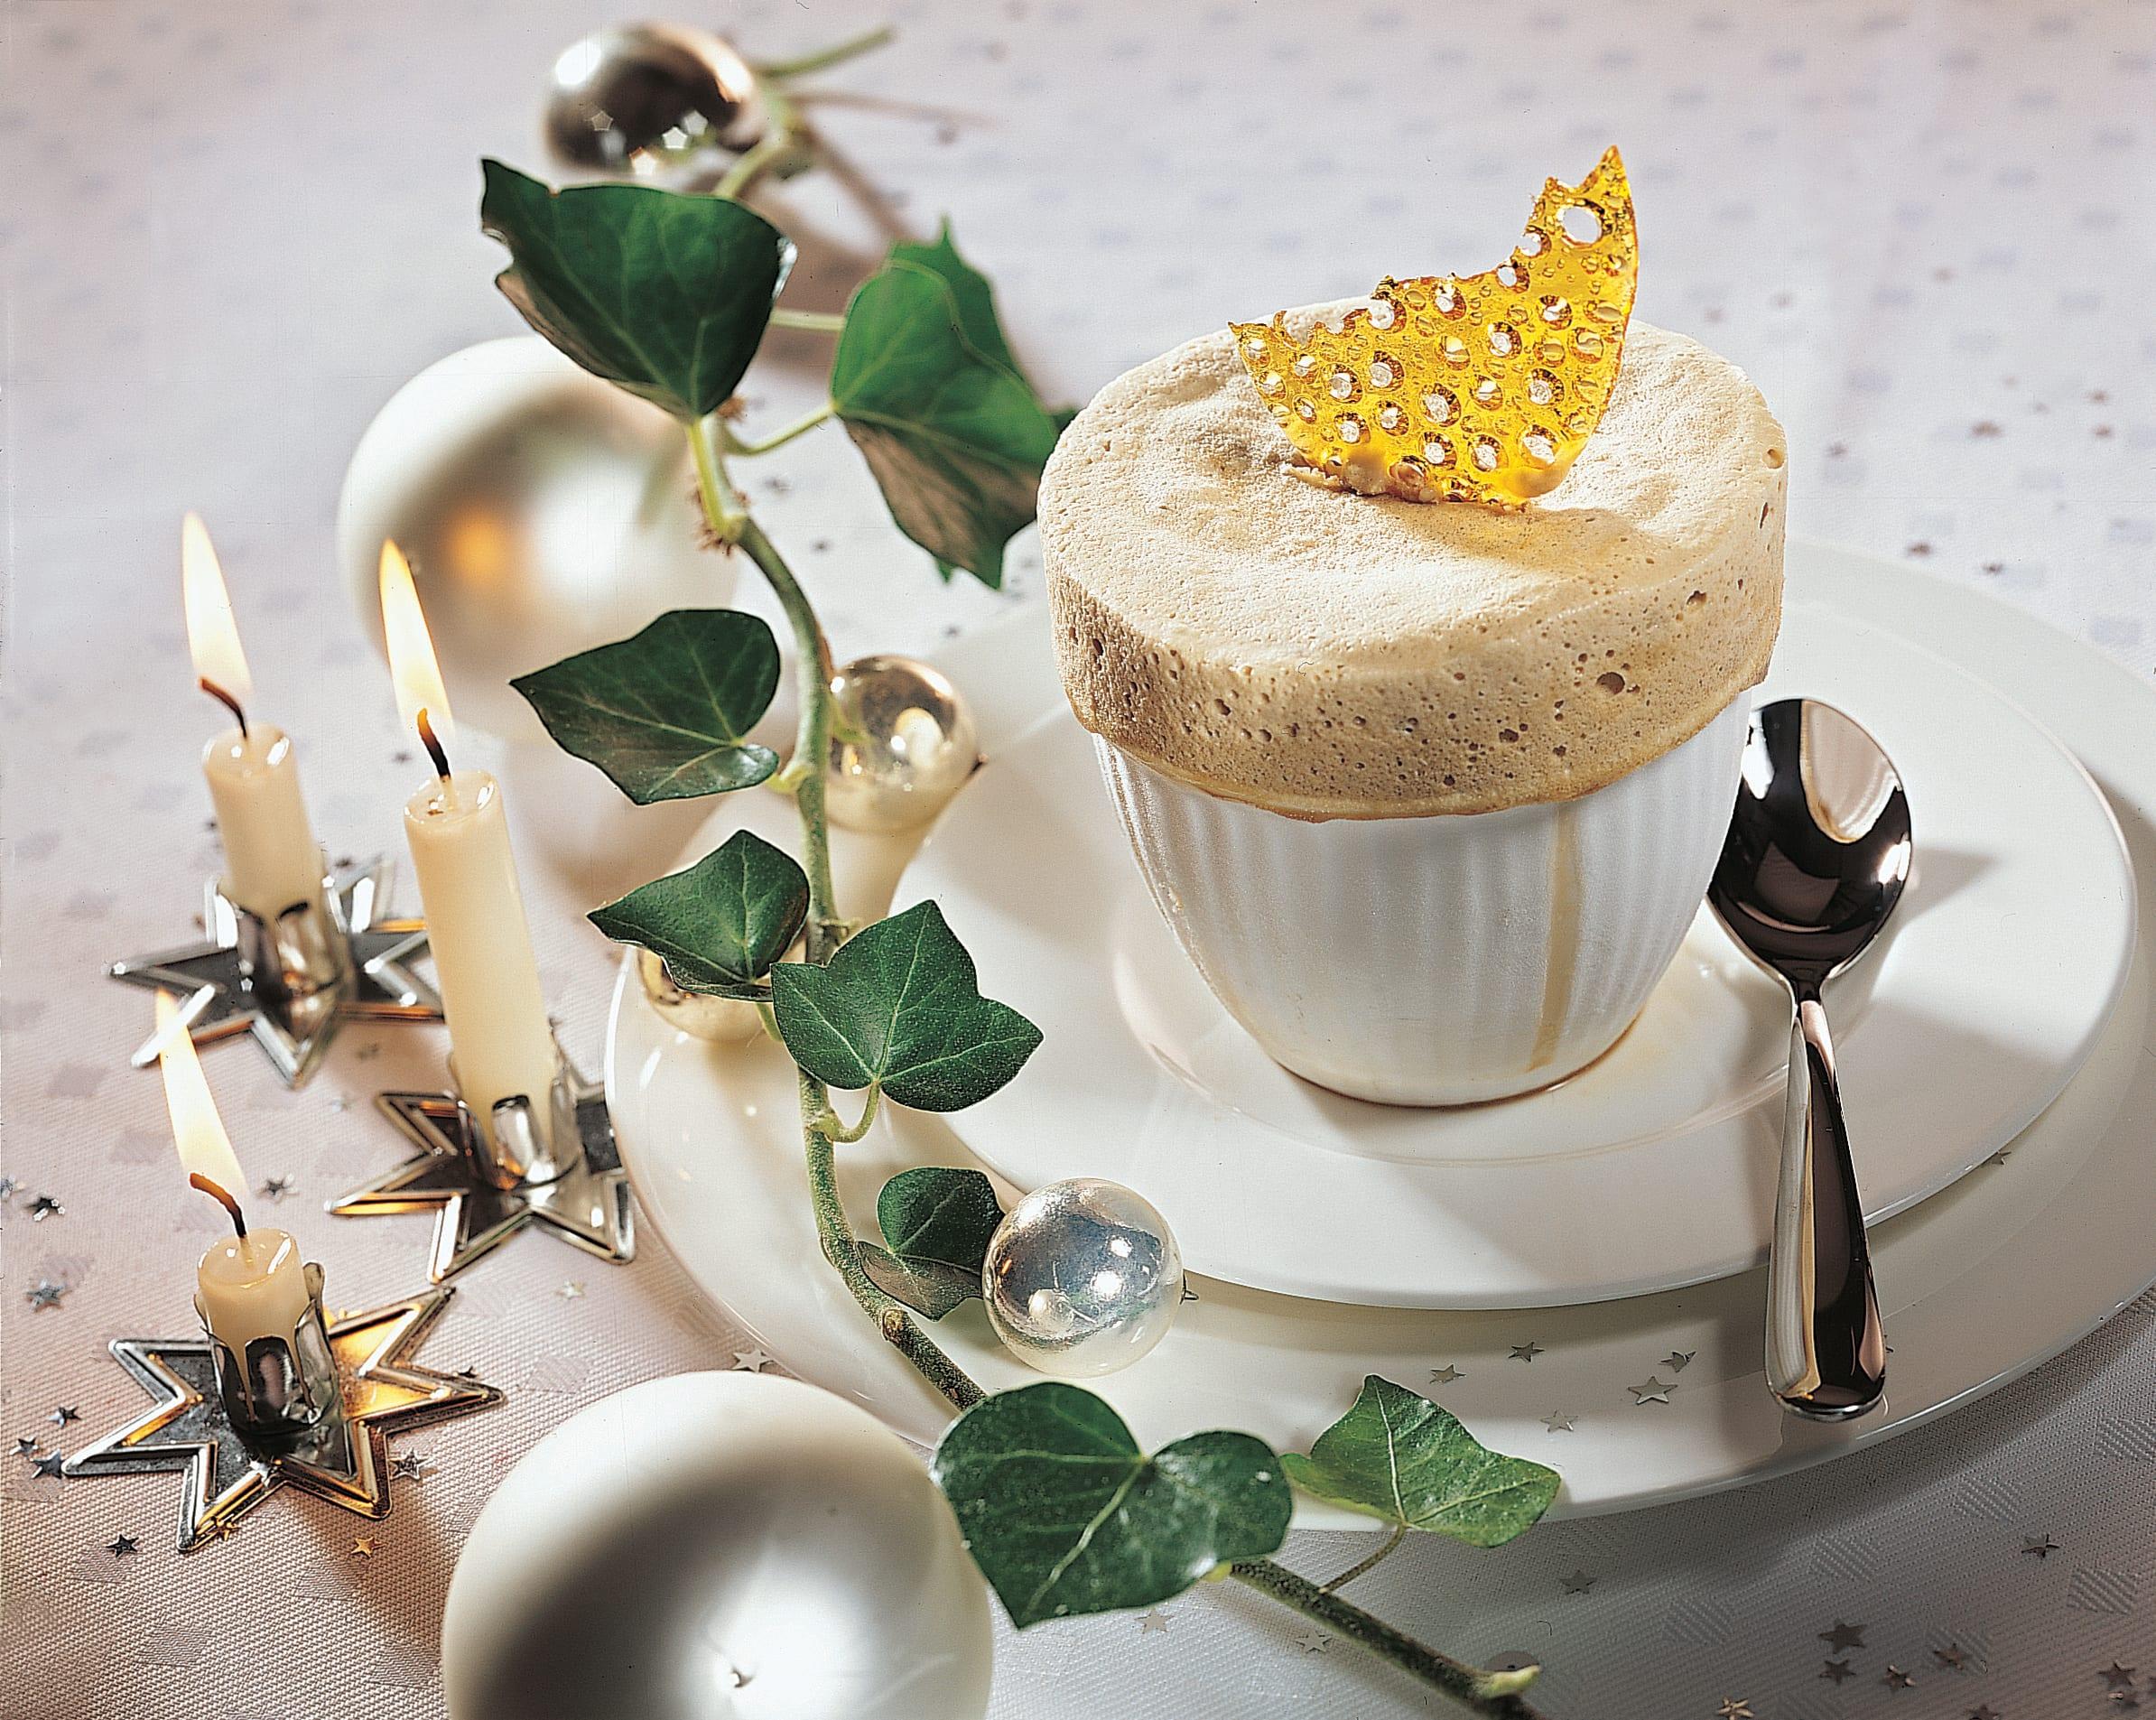 Soufflé glacé espresso mit Goldsplittern